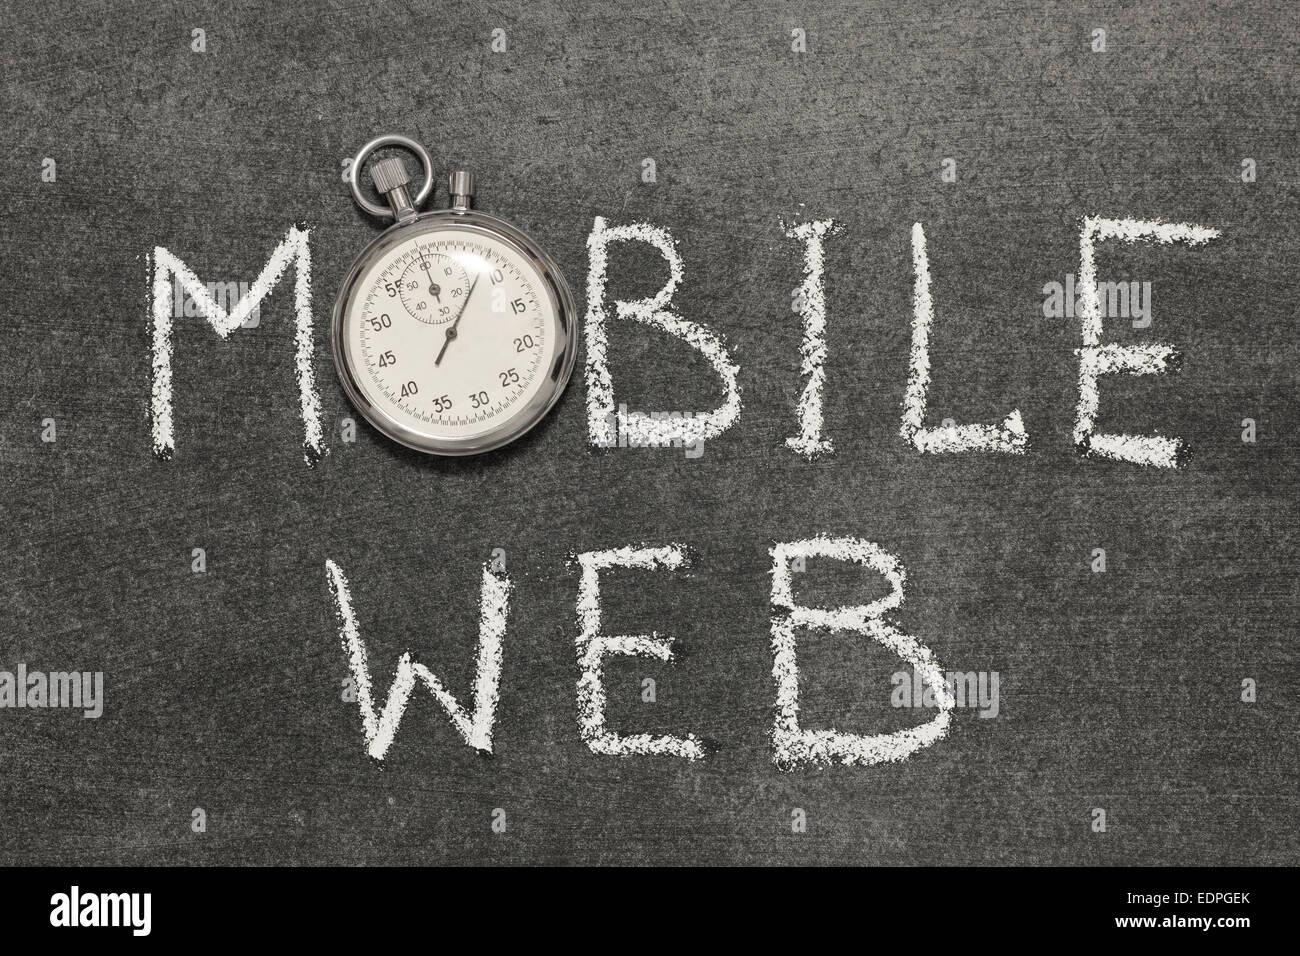 Mobile Web una frase scritta a mano sulla lavagna con vintage cronometro preciso utilizzato al posto di o Immagini Stock